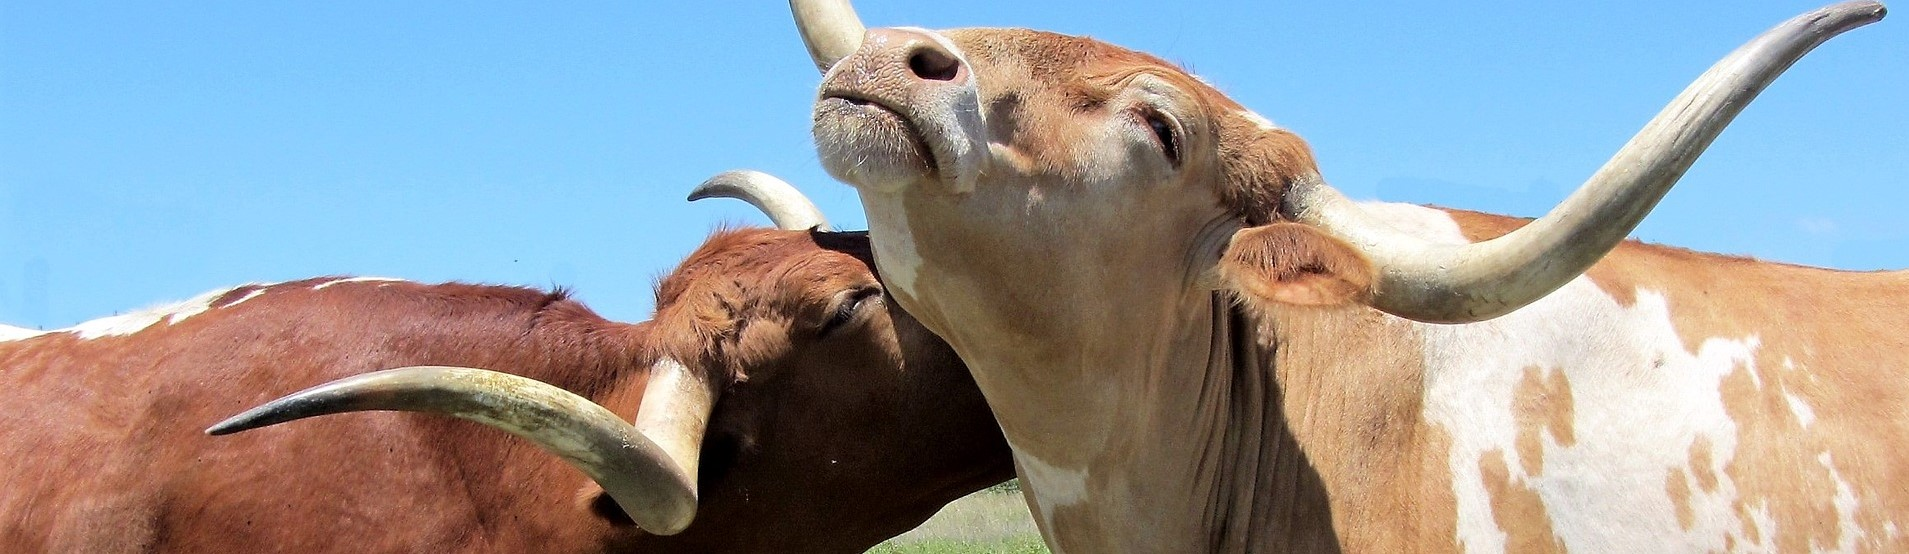 Nuorten härkien kiima